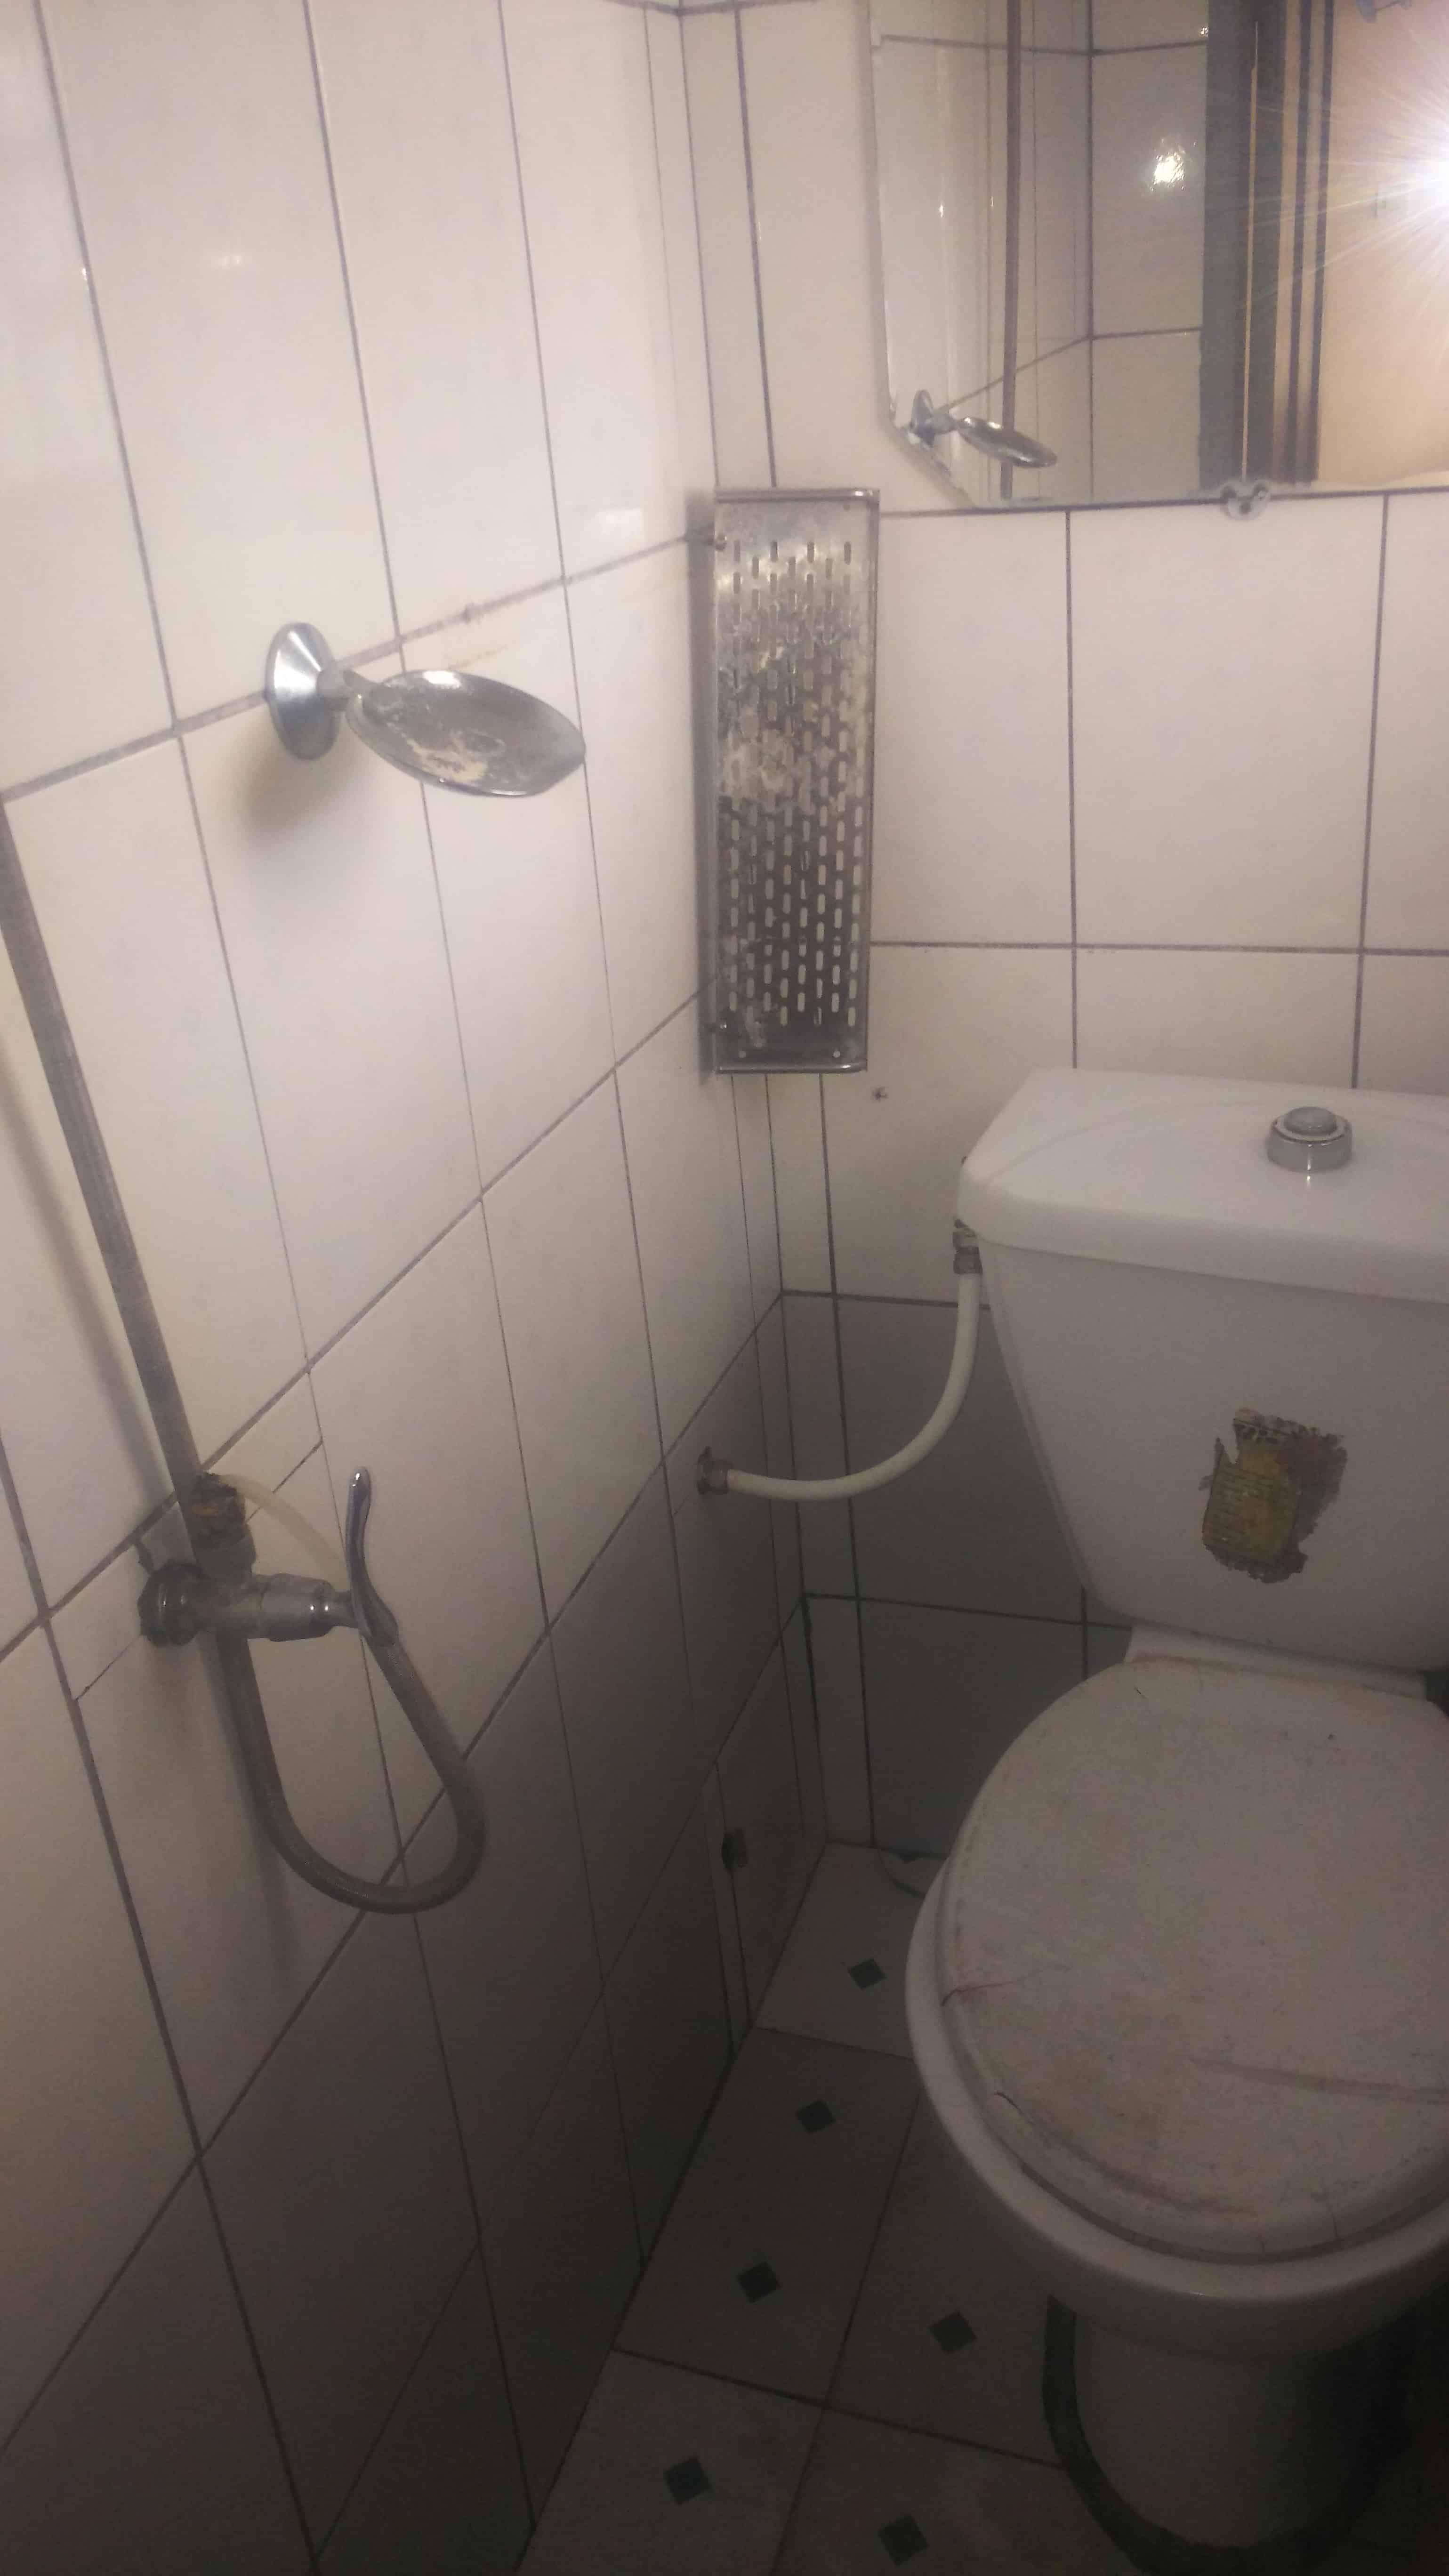 Studio to rent - Douala, Cité SIC, Ange Raphaël, Mont Essec - 35 000 FCFA / month